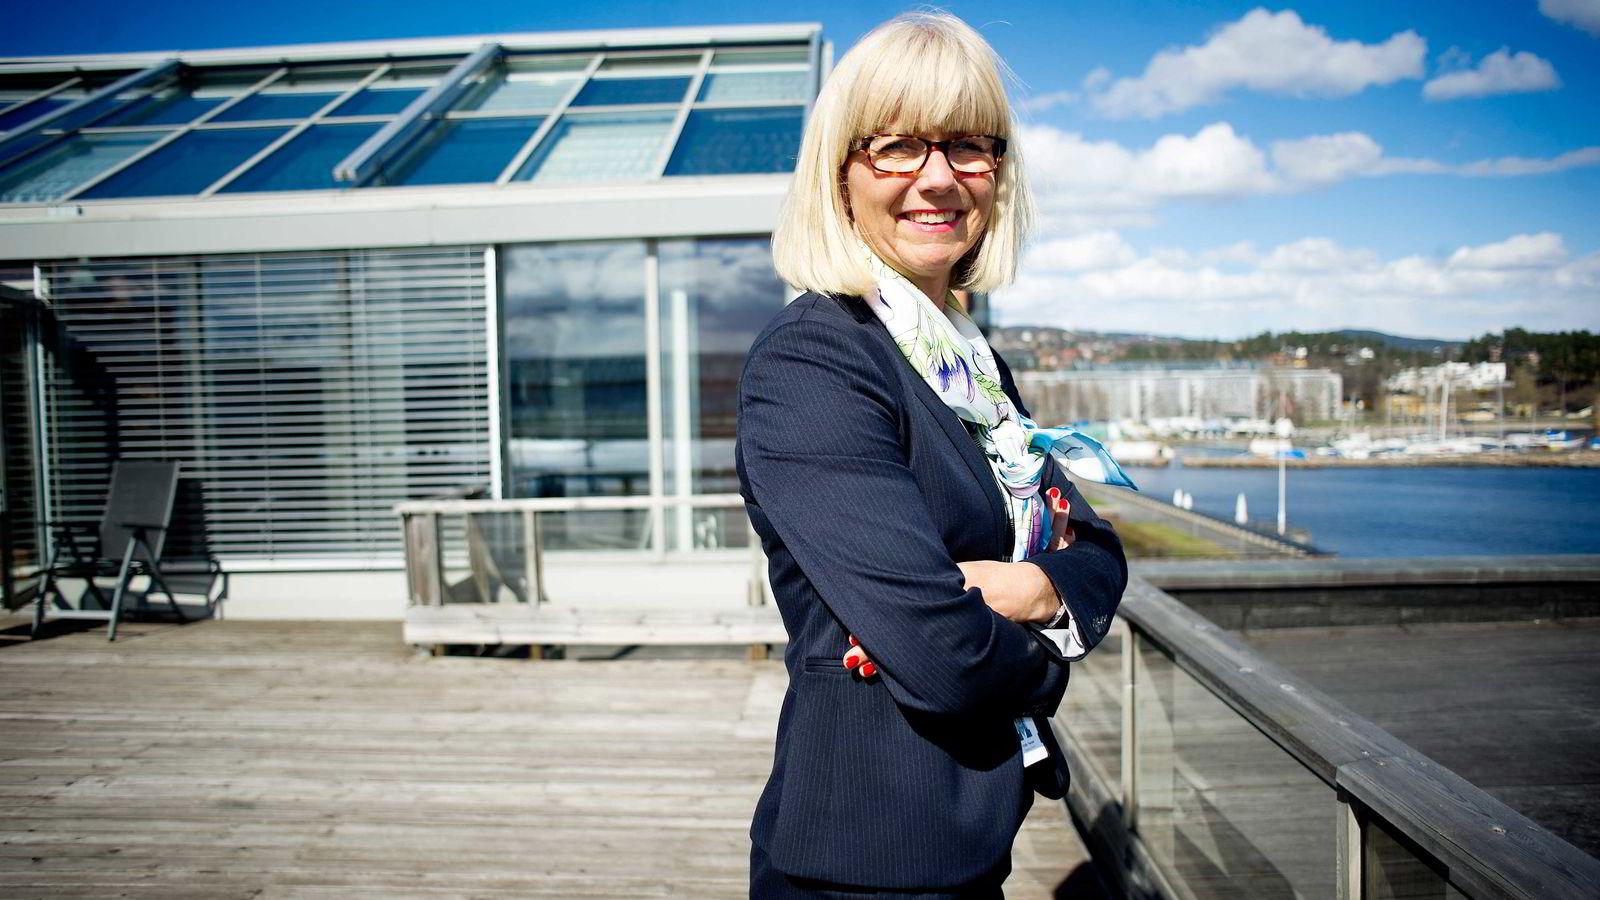 Det er fortsatt noen år frem i tid før vi eventuelt gjør en investeringsbeslutning, sier Kristin Færøvik, administrerende direktør for oljeselskapet Lundin Norway.